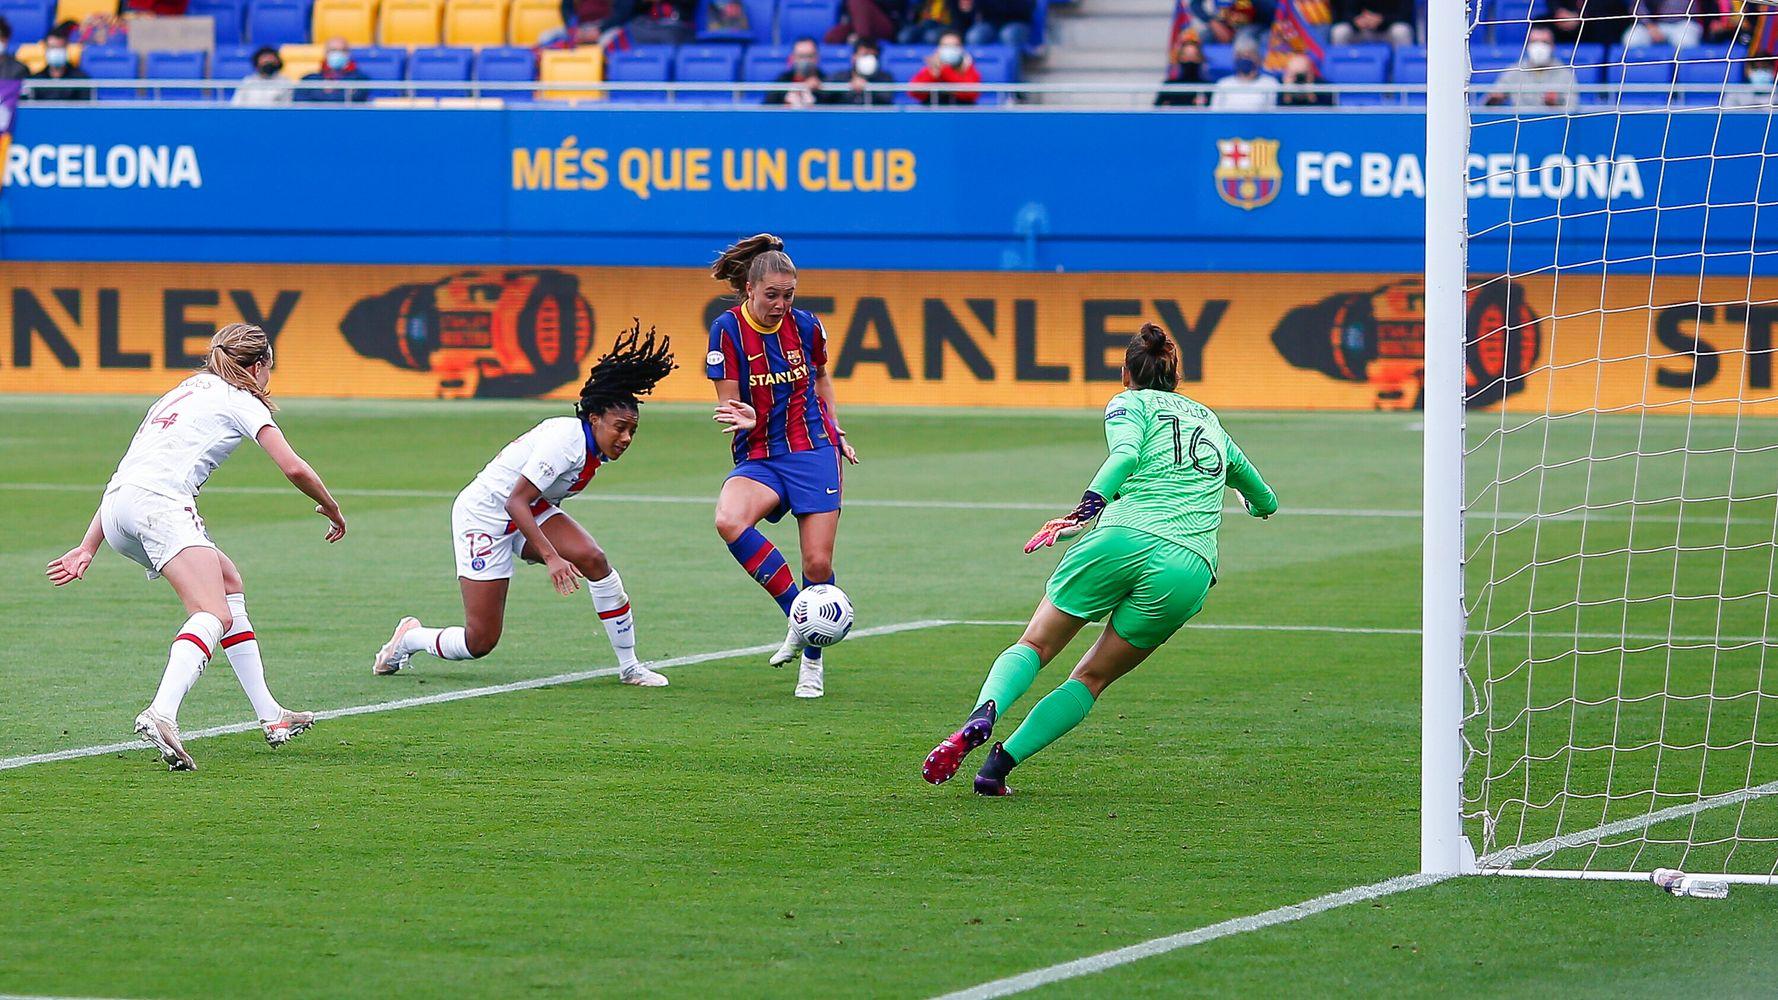 C1 dames: le Paris Saint-Germain éliminé en demi-finale face à Barcelone